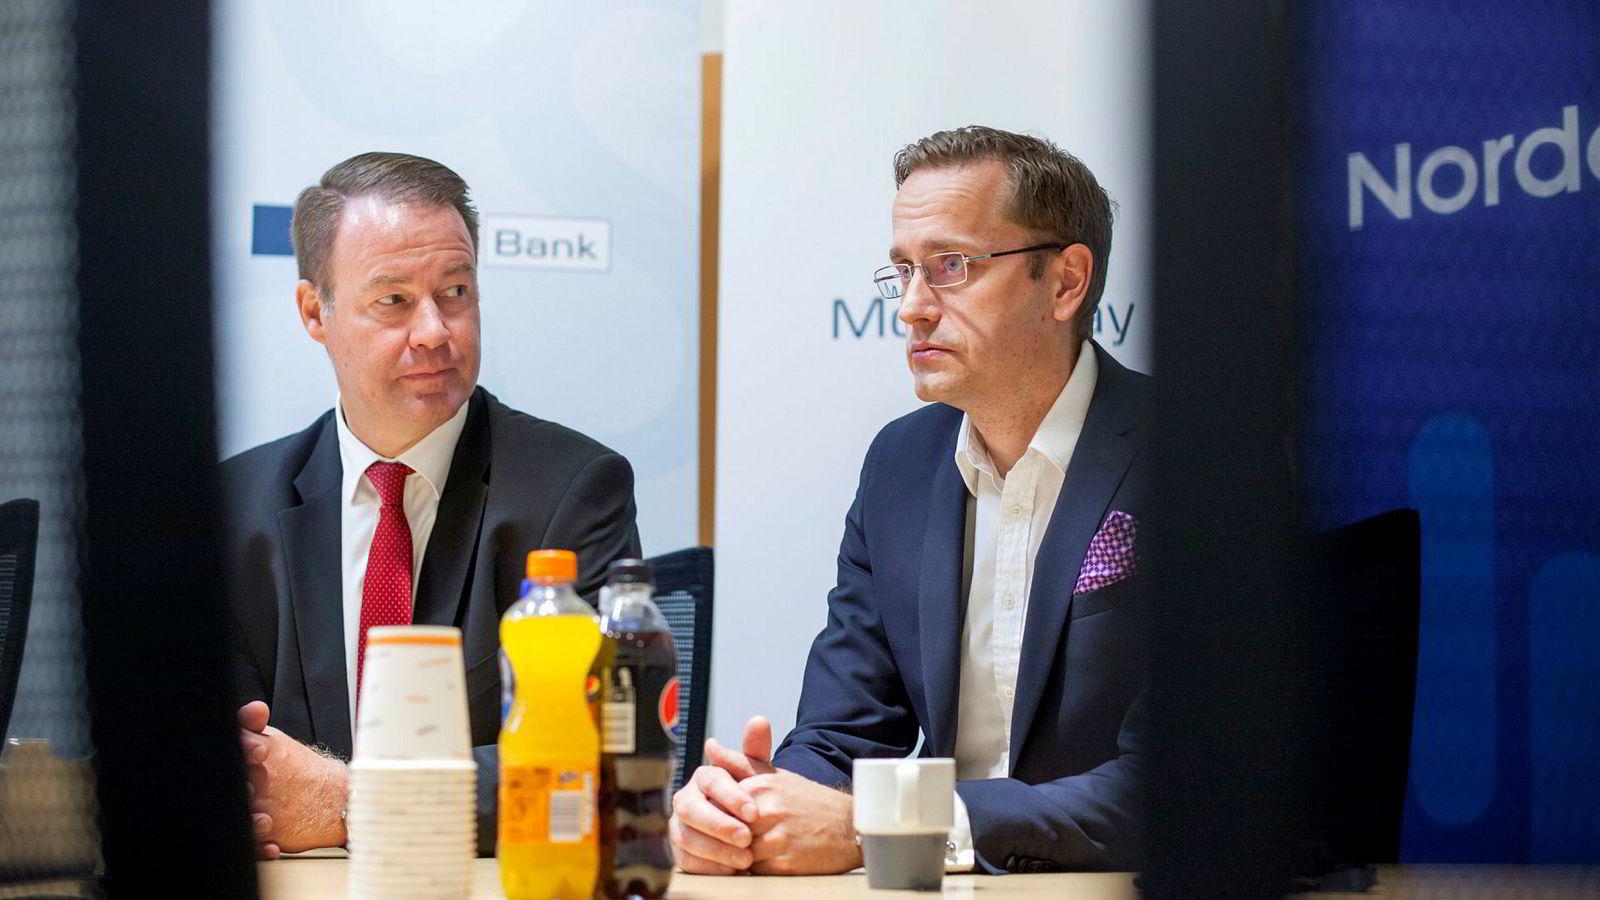 Danske Bank Norge- sjef Trond F. Mellingsæter (til venstre) og Nordea- direktør Snorre Storset har reagert mot kolleger i norske banker, og det endte med oppvaskmøte mandag morgen. De stiller seg ikke bak et brev fra bankenes felles organisasjon Finans Norge. Bildet er fra 2016.